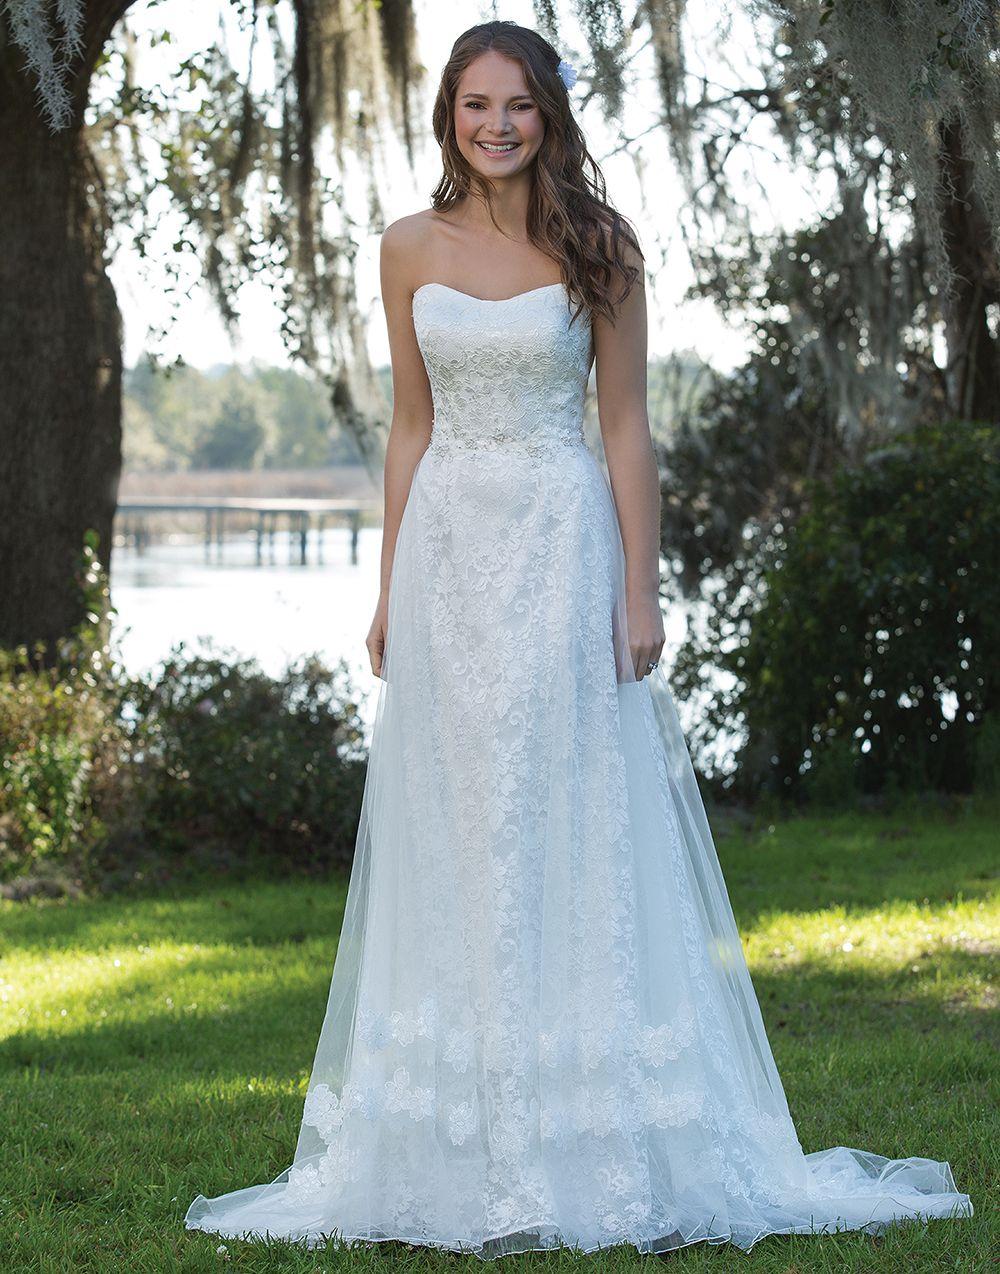 Awesome Wedding Gowns Orlando Fl Images - Wedding Ideas - memiocall.com